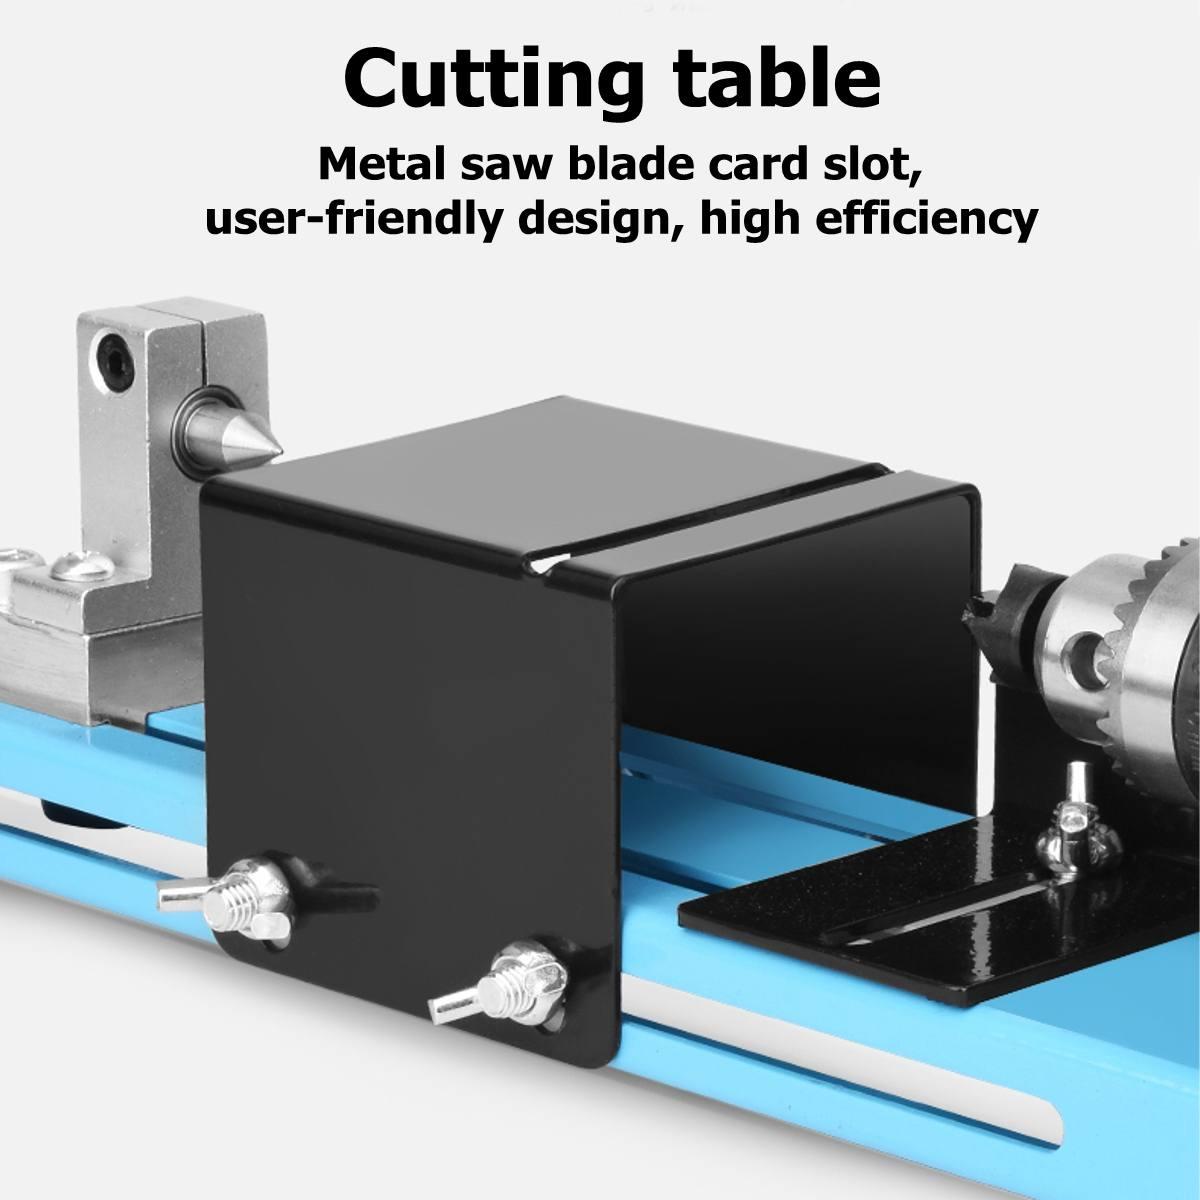 7 ebene Einstellbare Geschwindigkeit 150W Max 7000RPM Rate Mini Drehmaschine Perlen Maschine Polierer Tisch Sah Mini DIY Holz drehmaschine Kit Zubehör